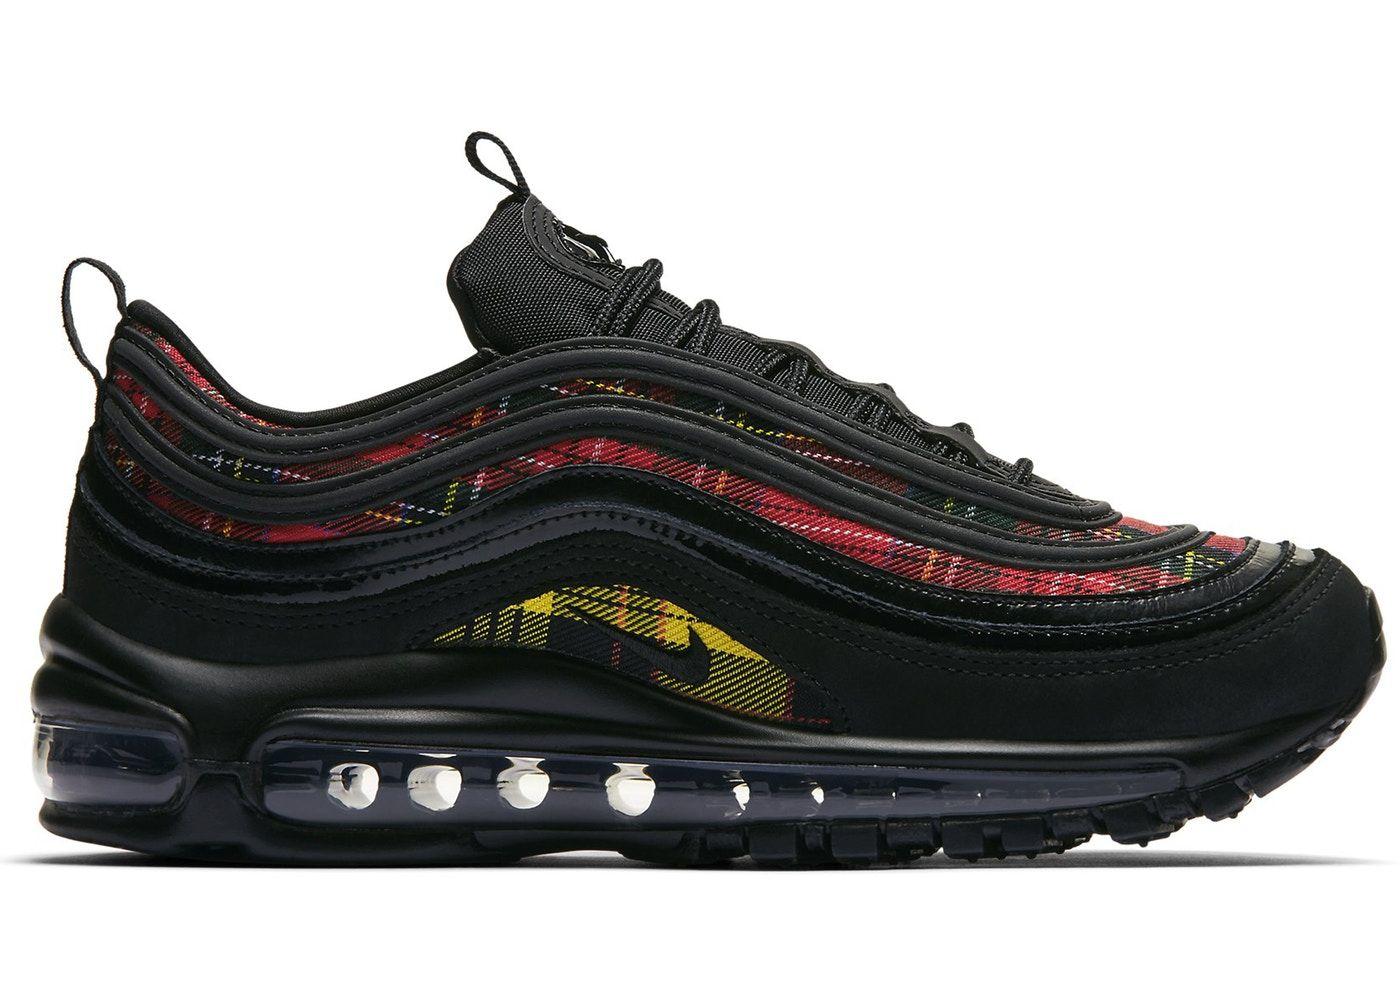 Nike Air Max 97 Tartan Black W Sneakers Men Fashion Sneakers Fashion Nike Air Max